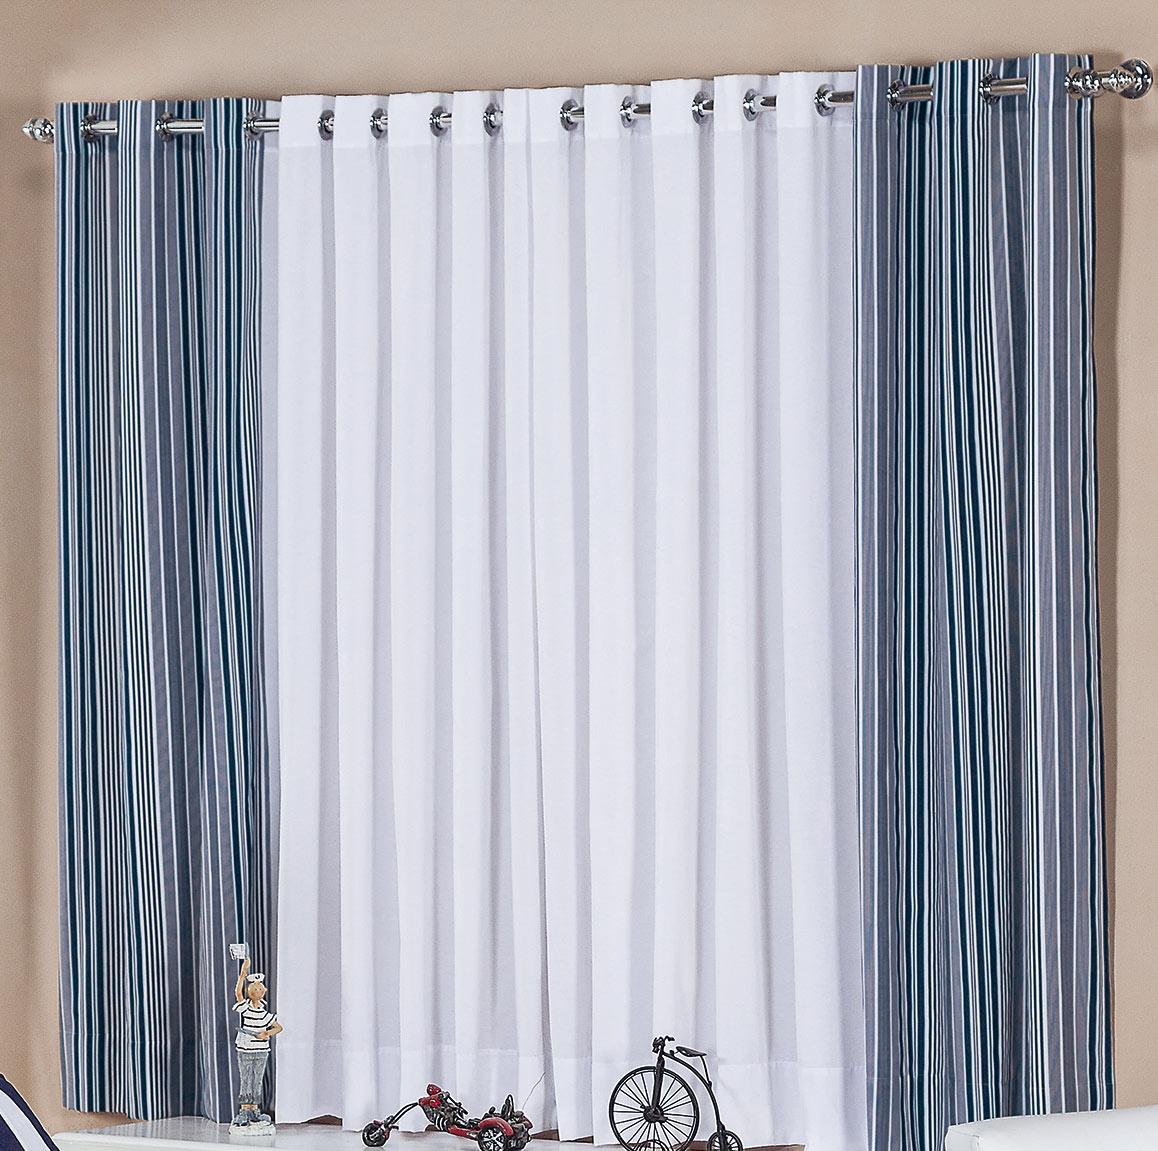 Cortina 2 metros Branca com Azul em Algodão 150 fios com 1 peças - Cortina Sala e Quarto Tebas